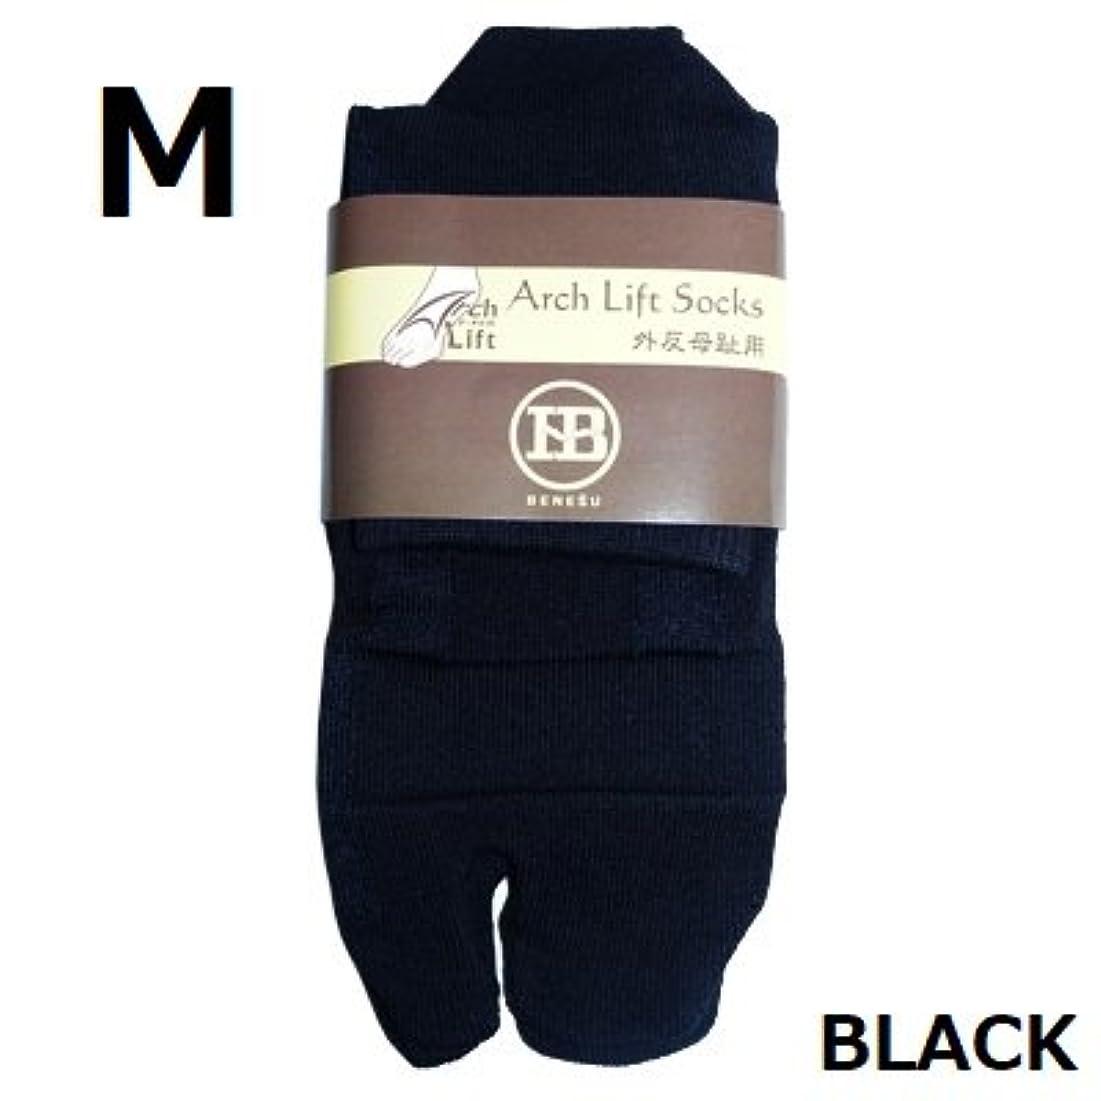 浸漬スリーブ当社アーチライフソックス 外反母趾 テーピング加工靴下 サポーター(カラー:黒色)(サイズ:M)